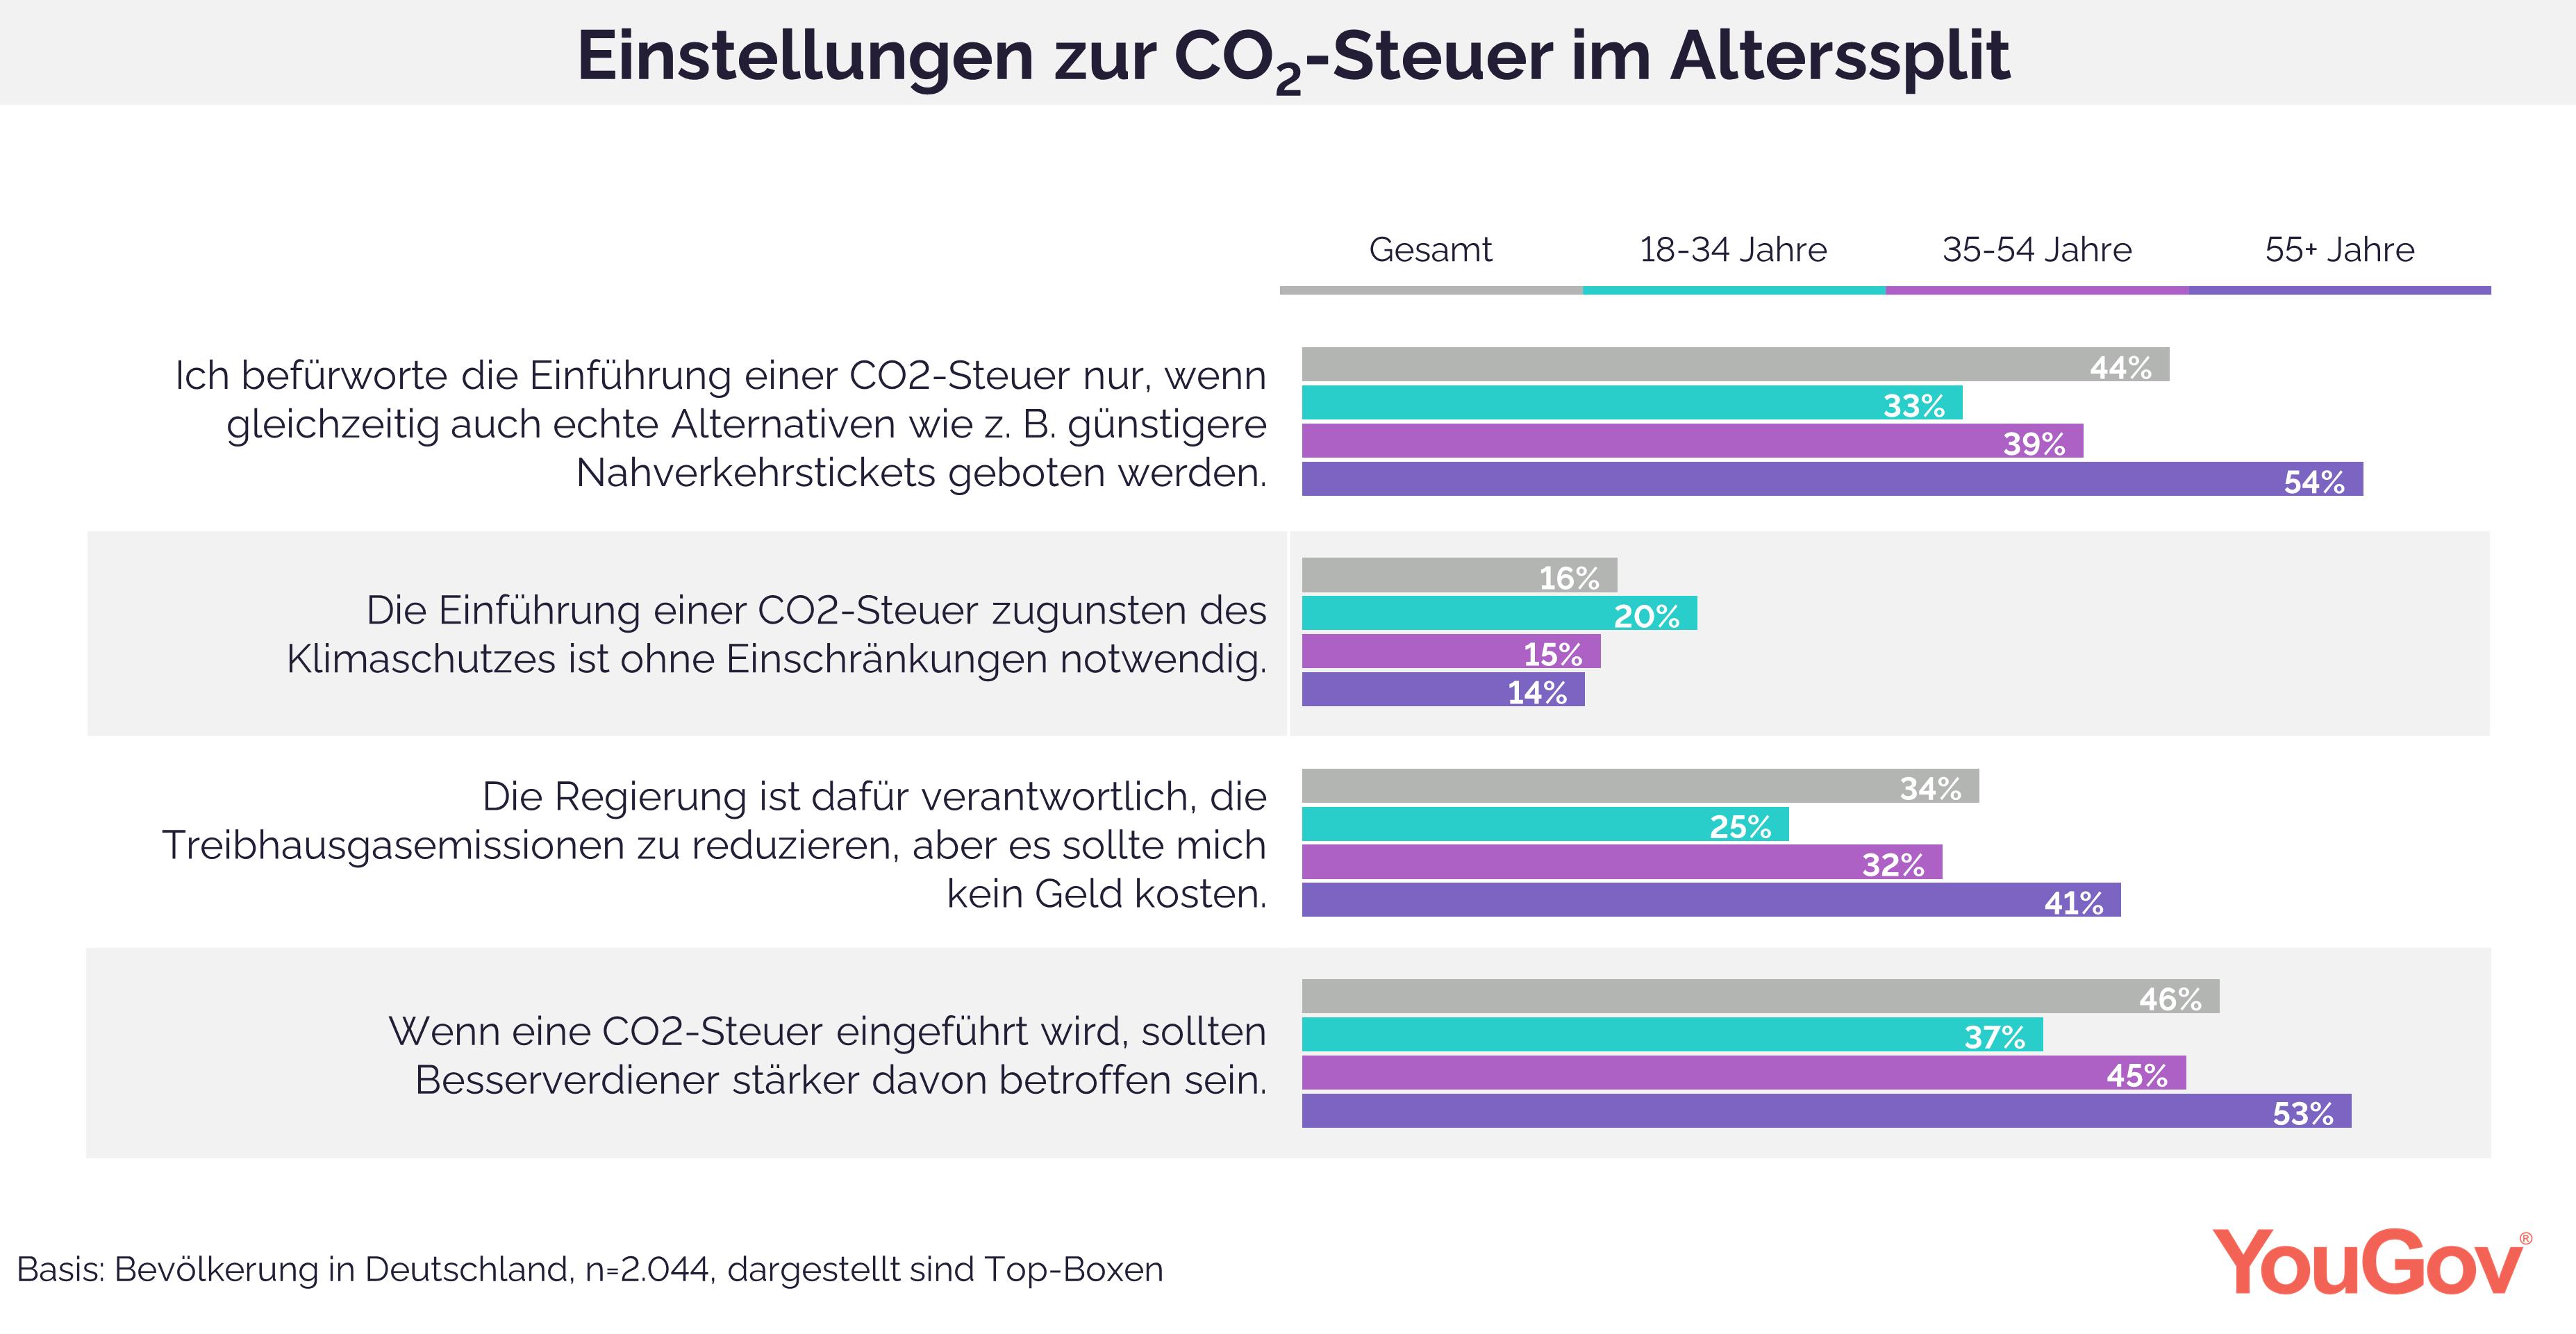 Einstellung zur CO2-Steuer